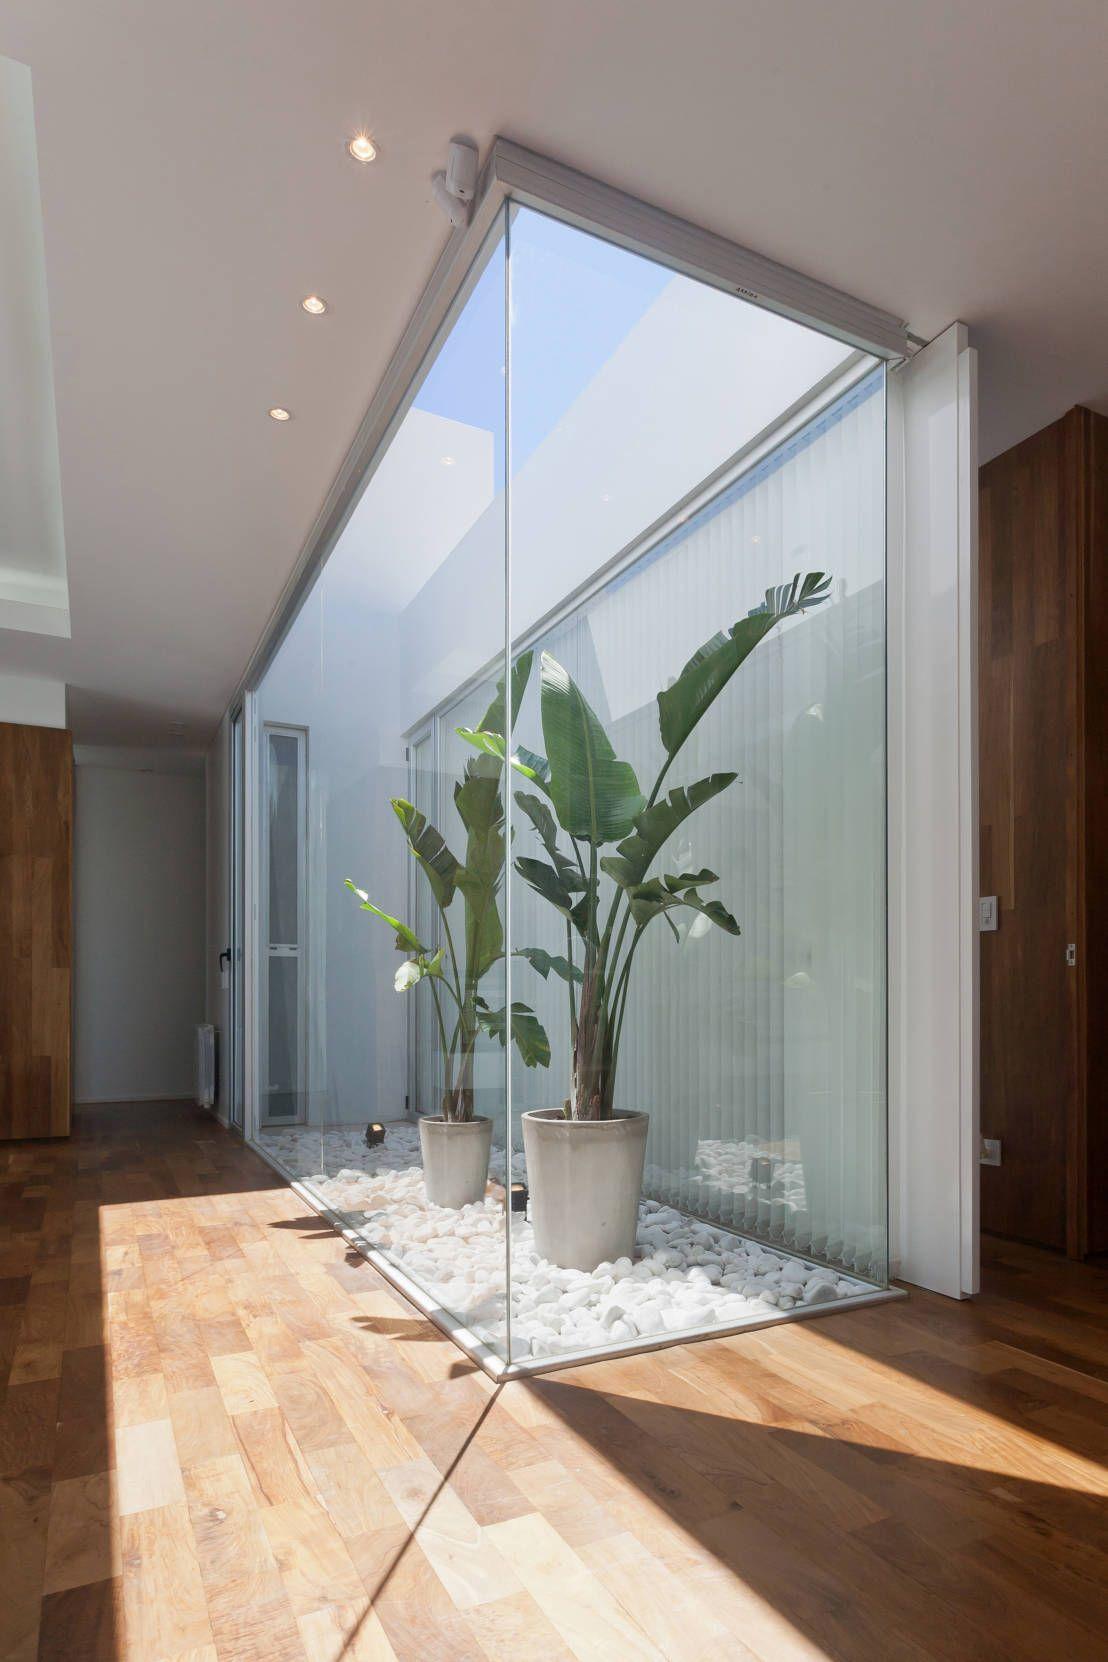 Uberlegen Geniale Fenster Für Modernes Wohnen